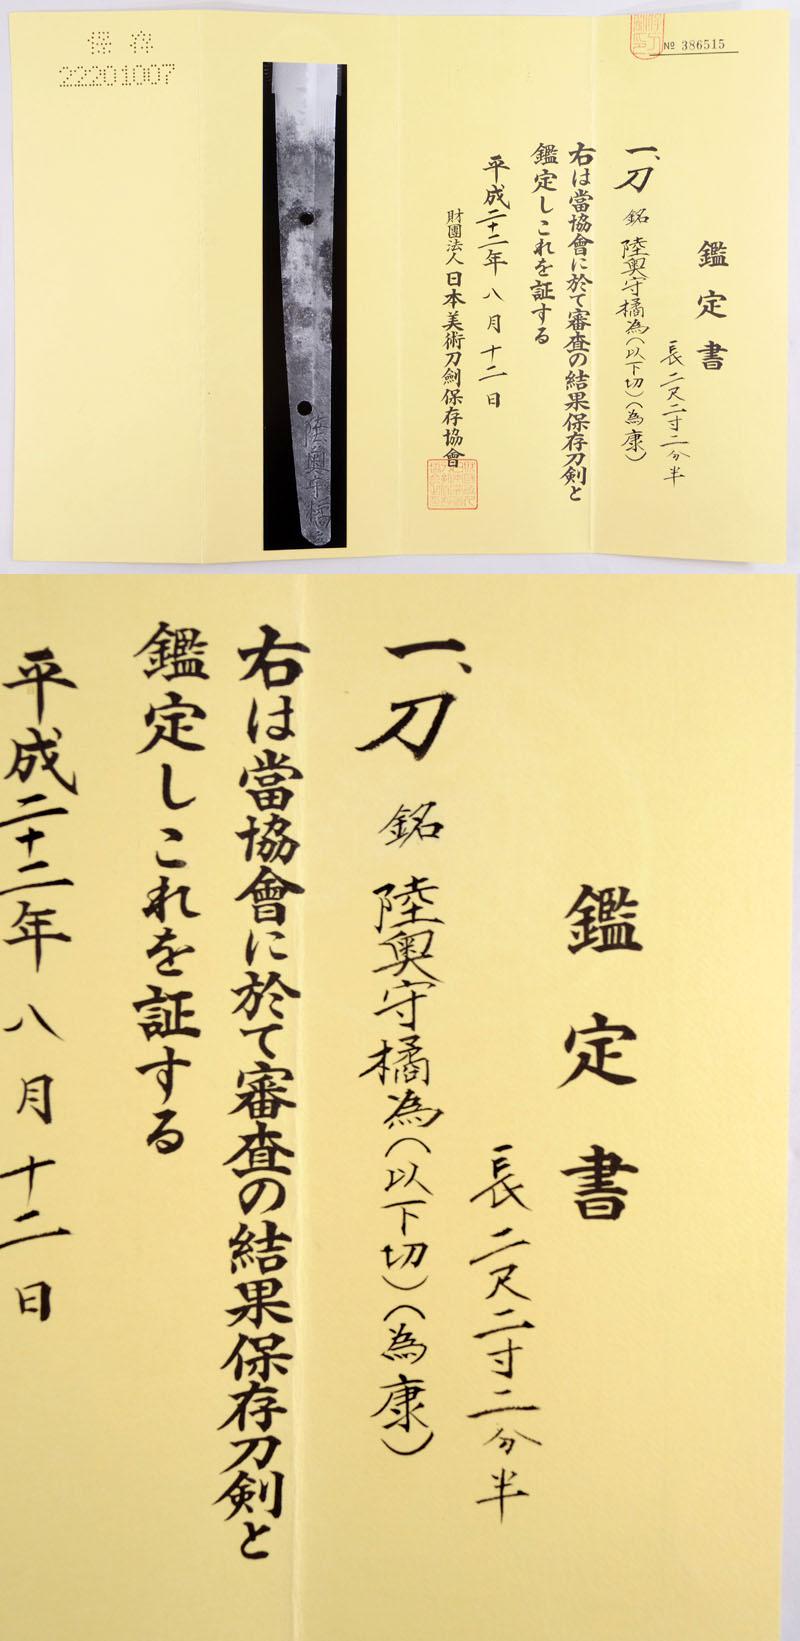 陸奥守橘為(以下切)(為康) Picture of Certificate